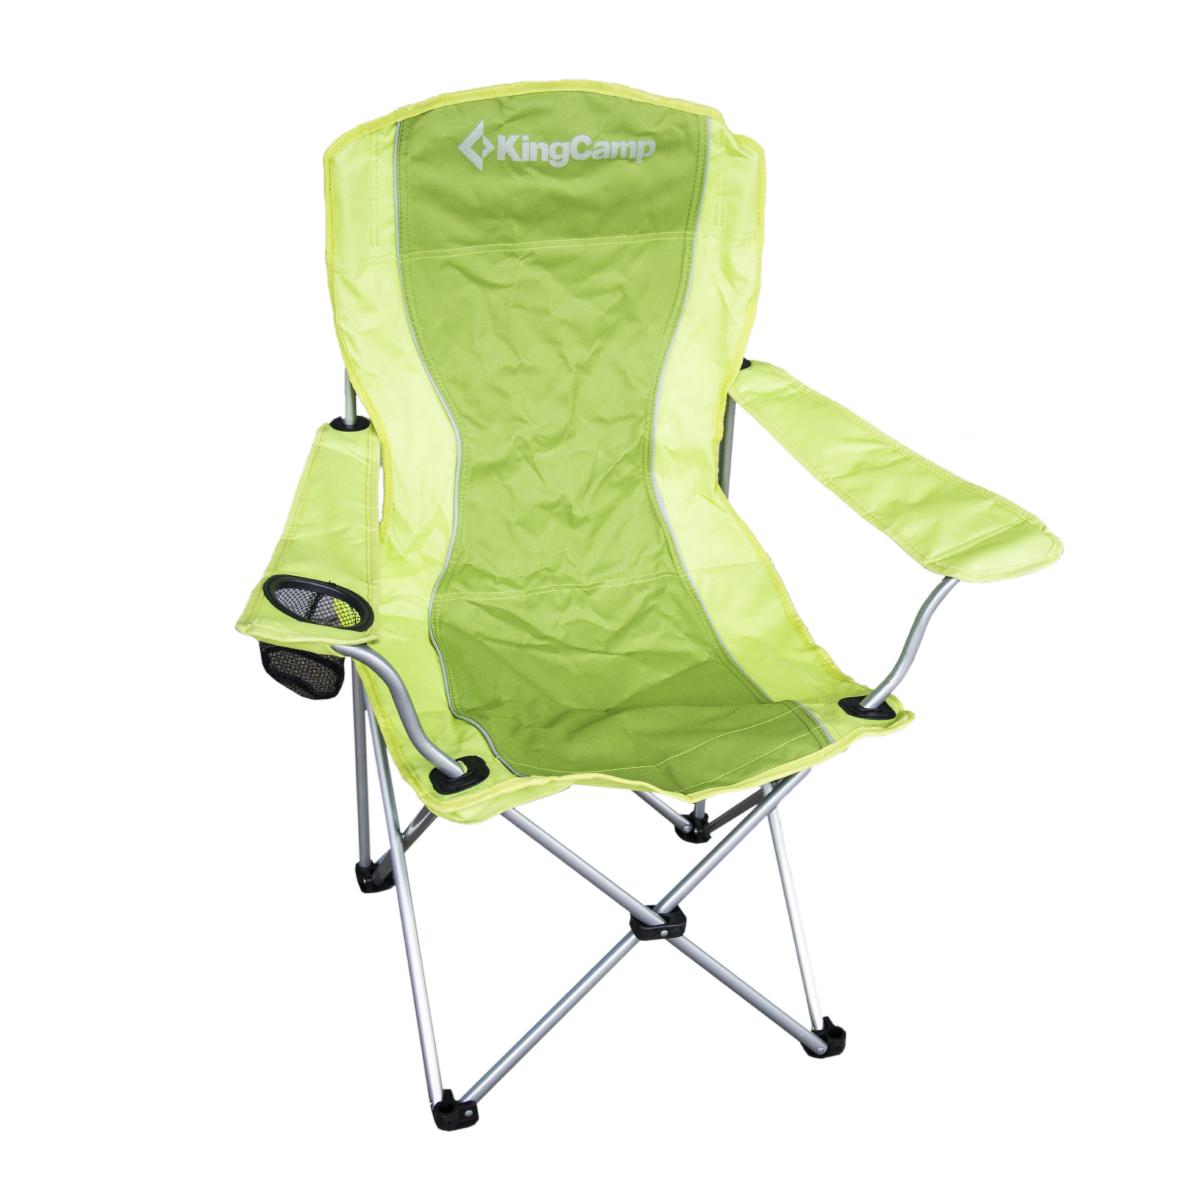 Campingová skladacia stolička KING CAMP oceľová s opierkami - zelená